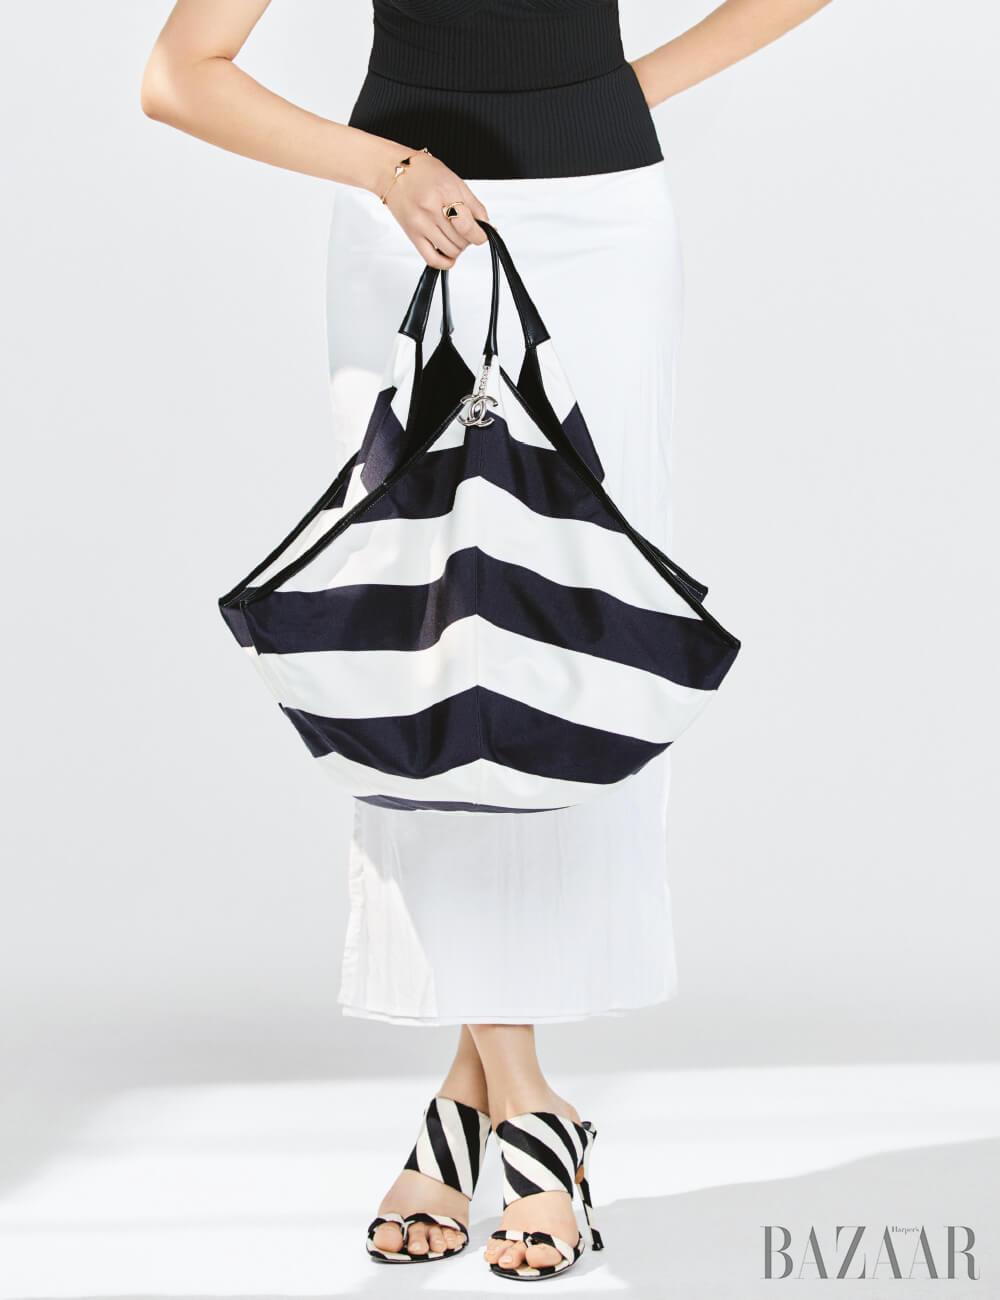 패브릭 호보 백은 가격 미정 Chanel, 슬리브리스 니트 톱은 17만5천원 Reiss, 스커트는 24만8천원 Recto, 팔찌는 5백만원대, 반지는 3백만원대 모두 Bvlgari, 뮬은 가격 미정 Dries Van Noten.